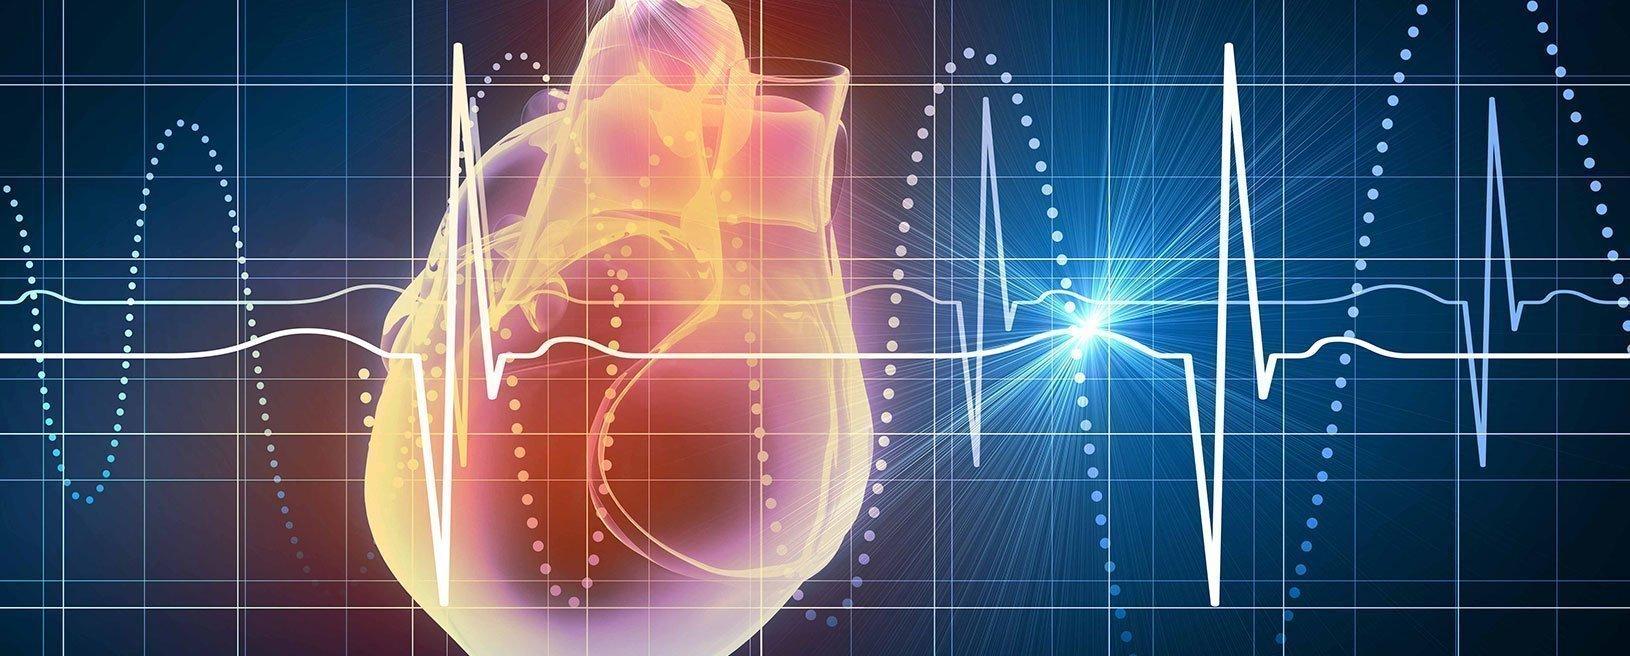 Bloqueos cardiacos en el ECG | EMS Spain